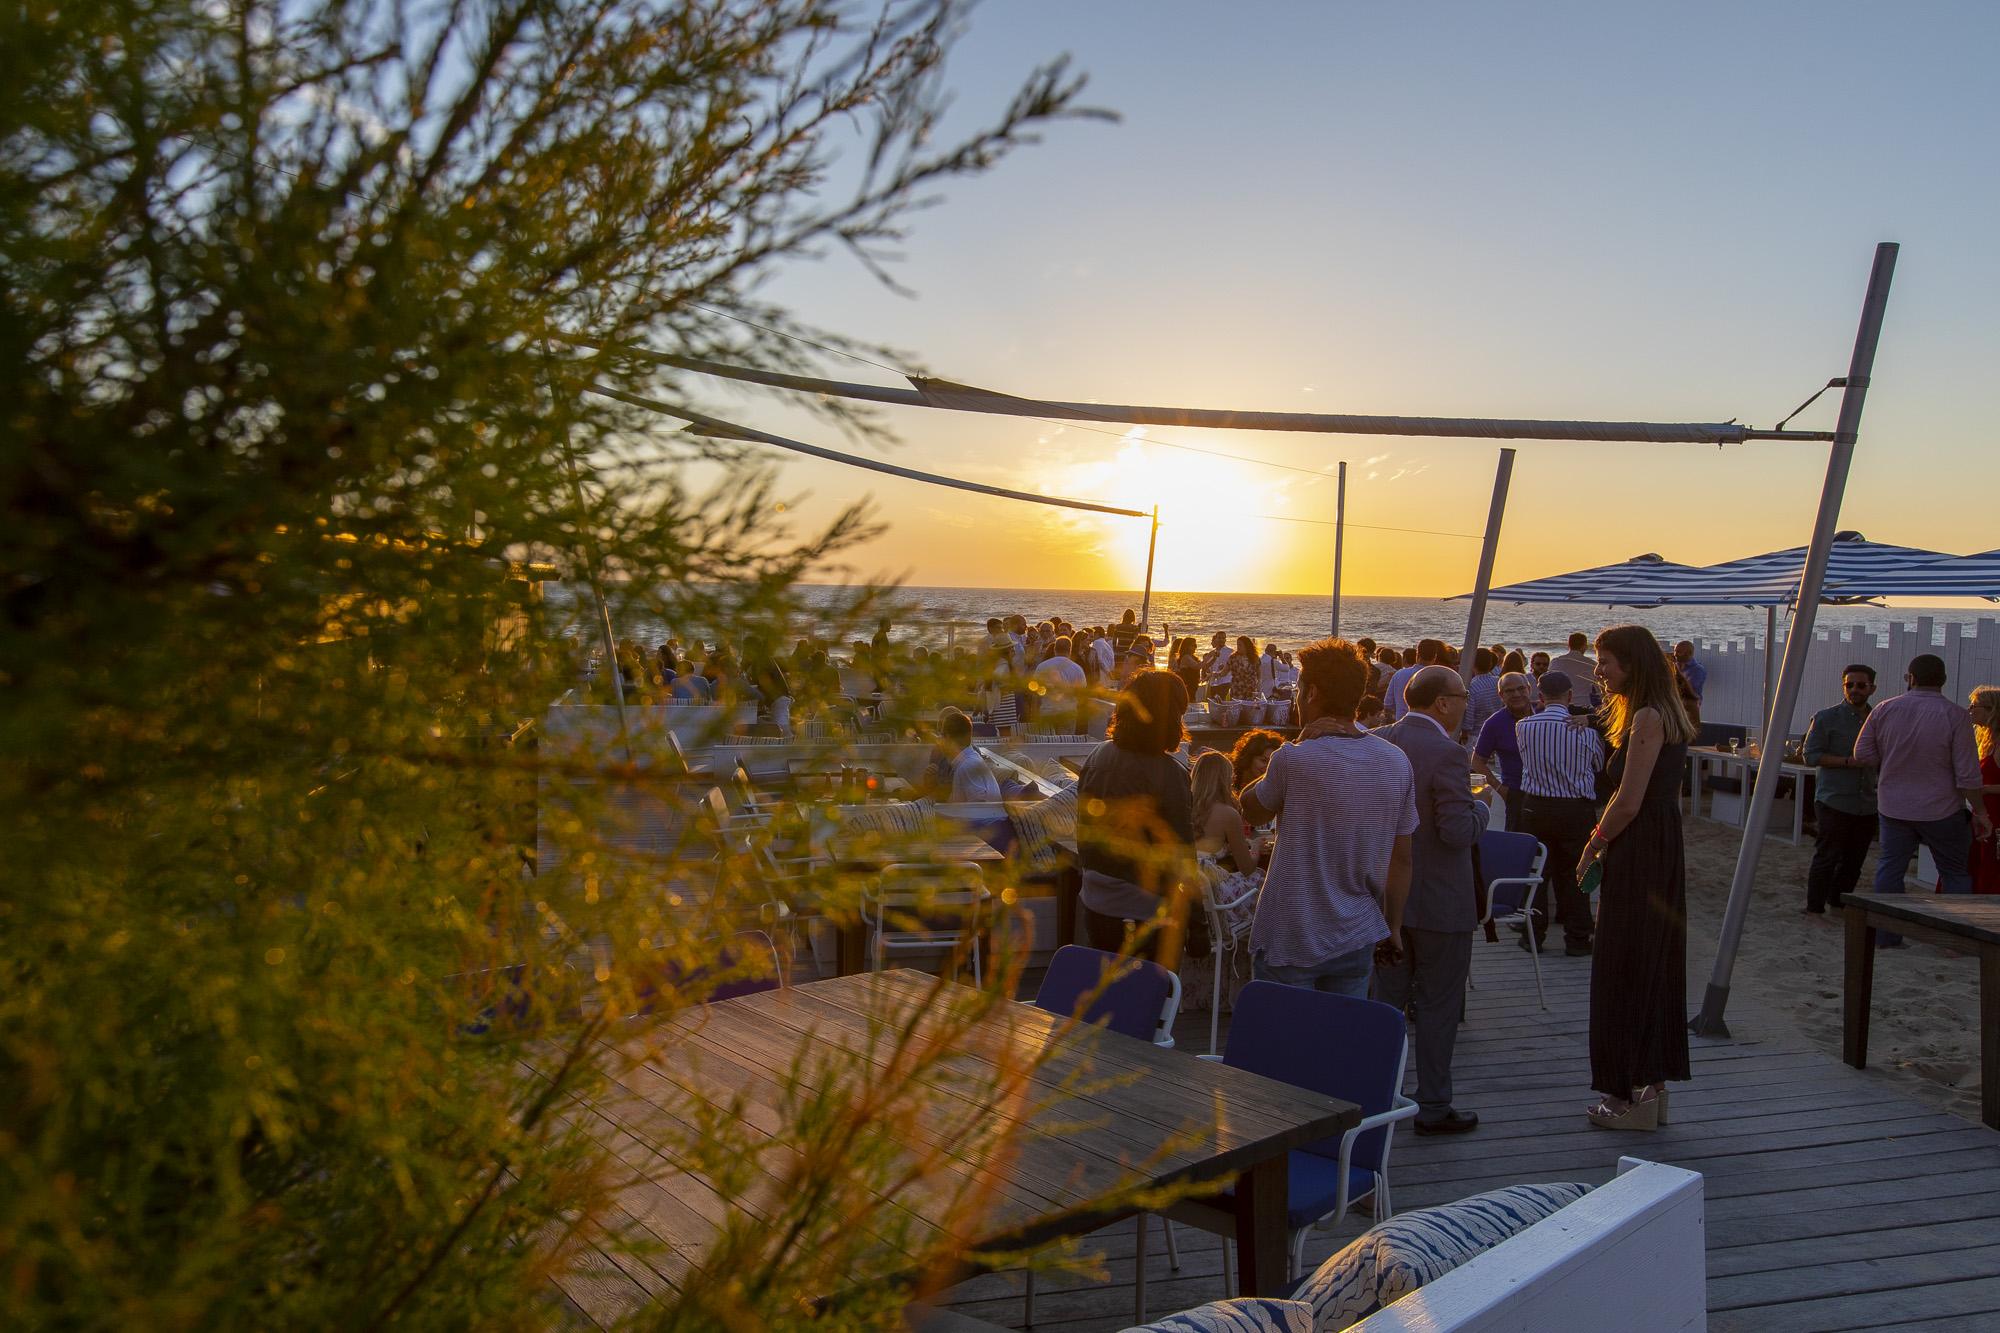 Des gens discutent et prennent un verre sur la terrasse du Blue Cargo sur le sable face à la mer au coucher du soleil.